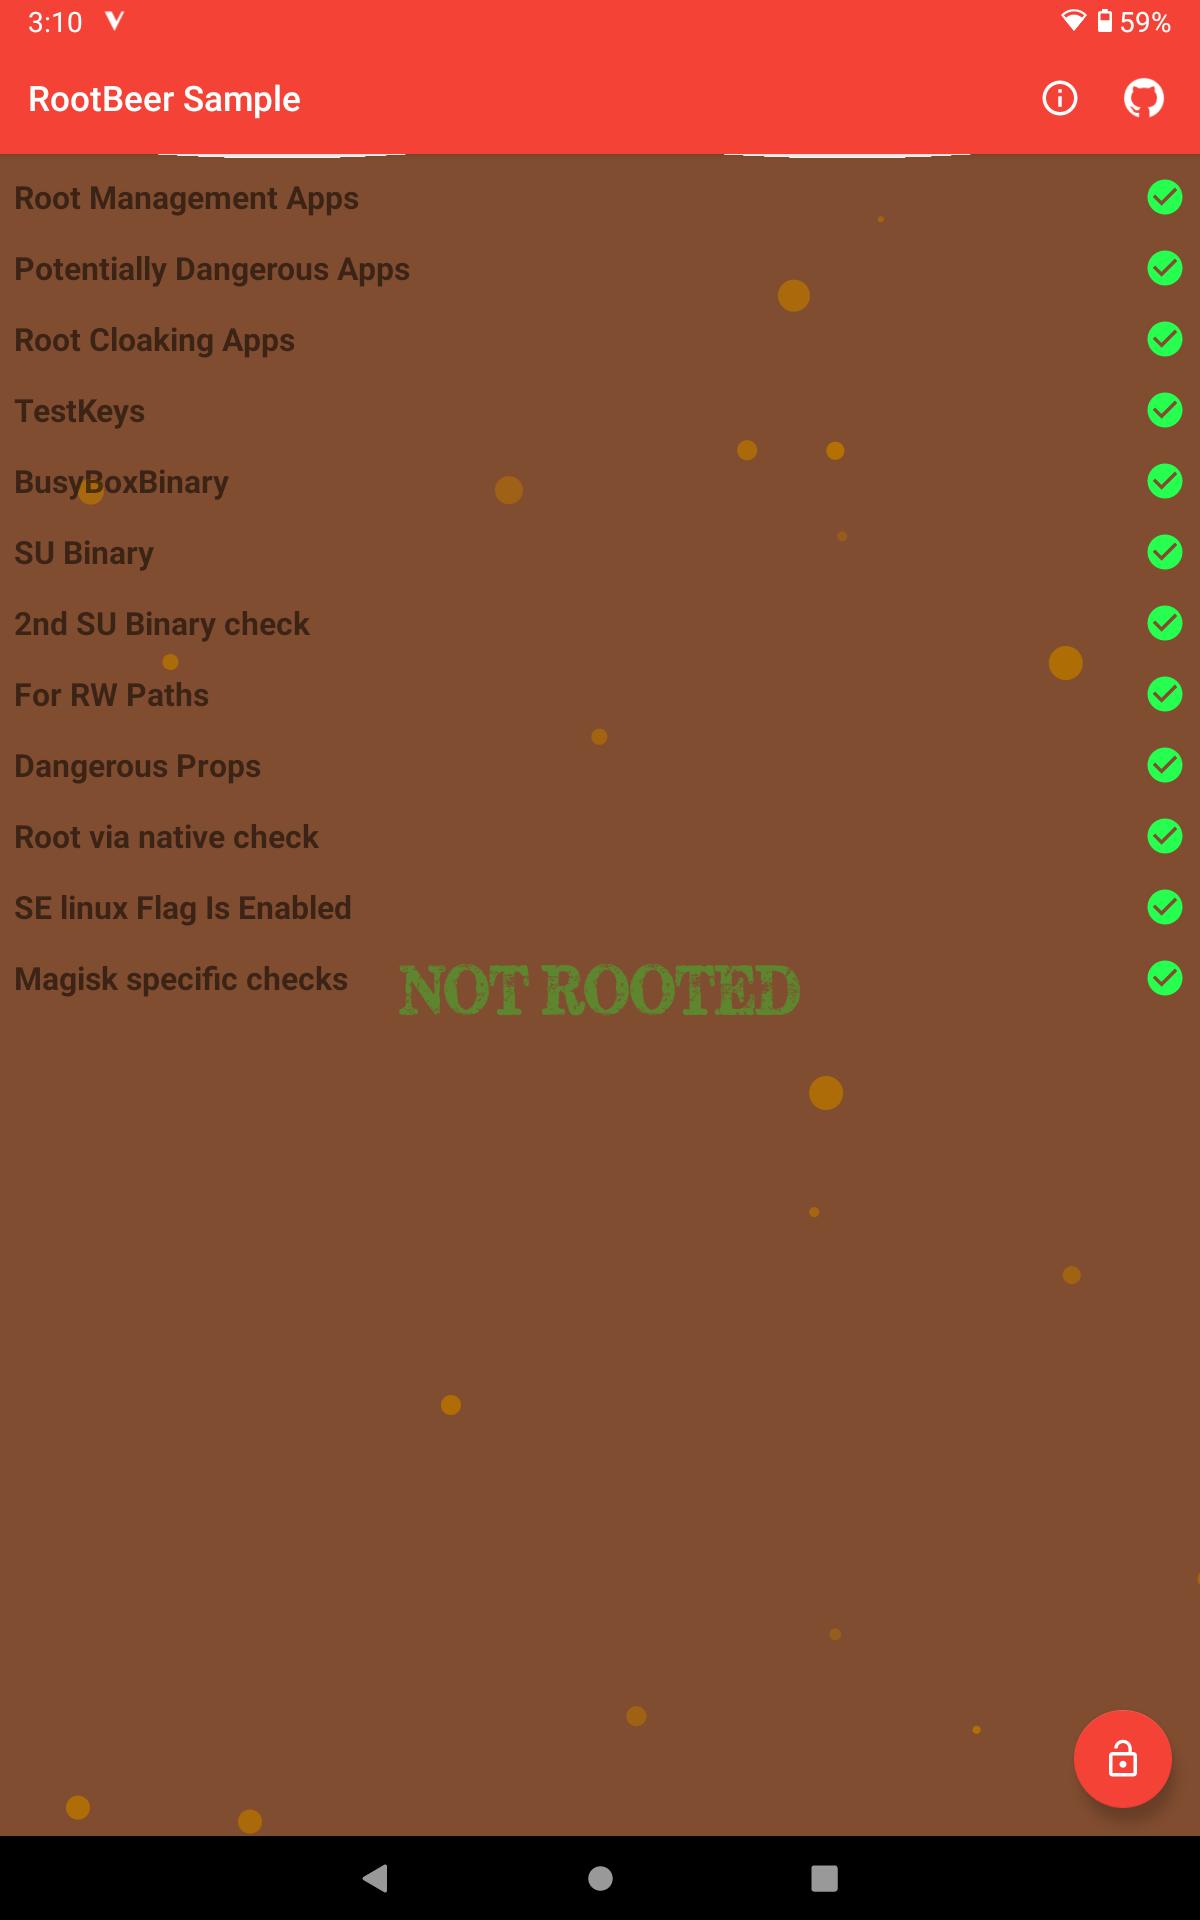 Screenshot_20211023-151040_RootBeer_Sample.png